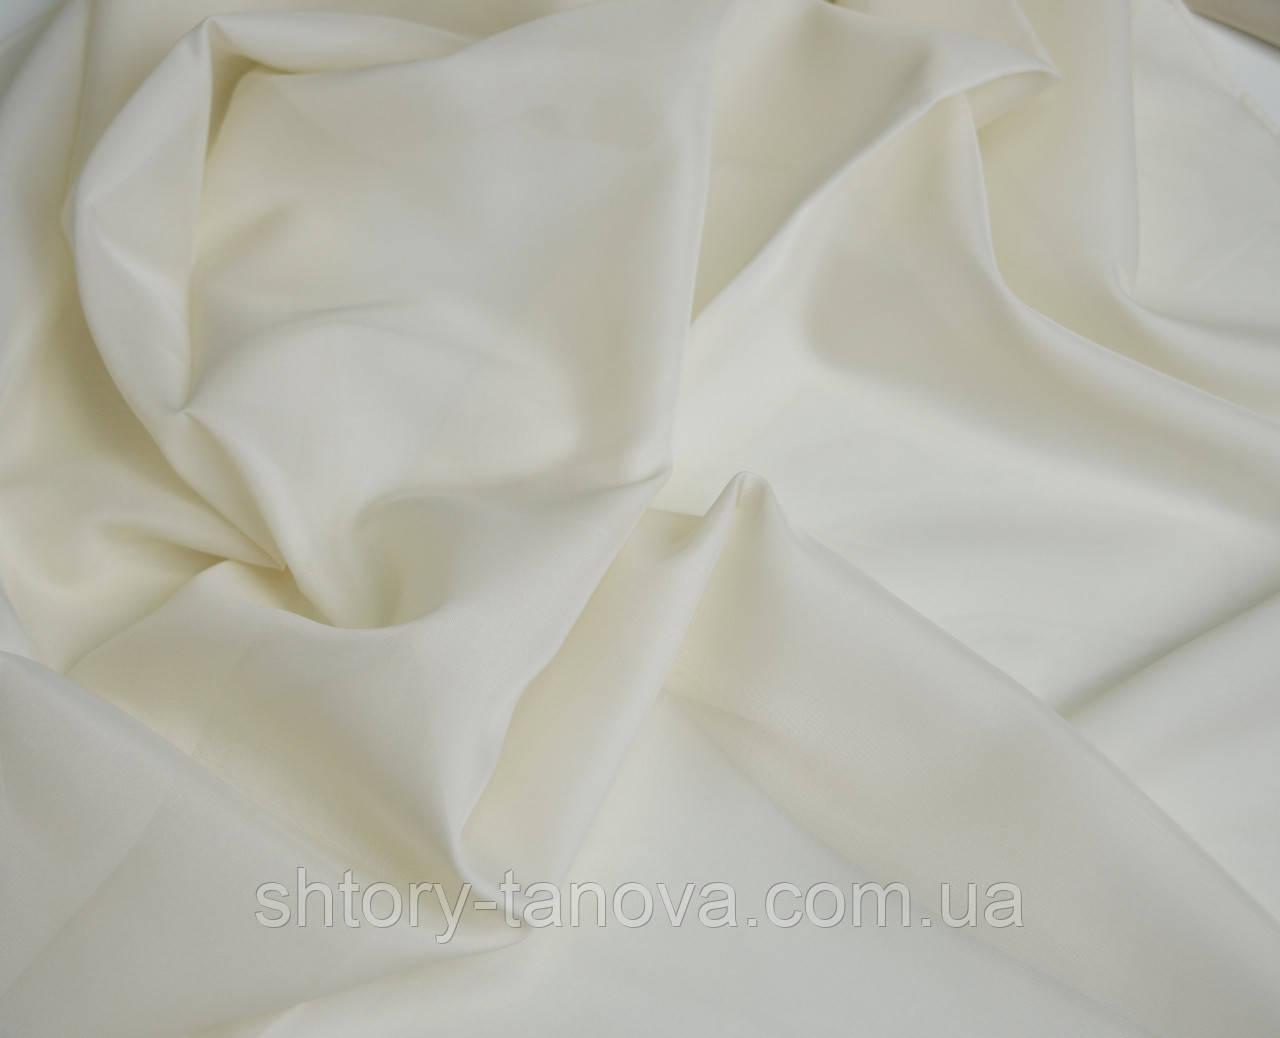 Купить ткань шелковая вуаль сумки шопперы купить в москве из ткани